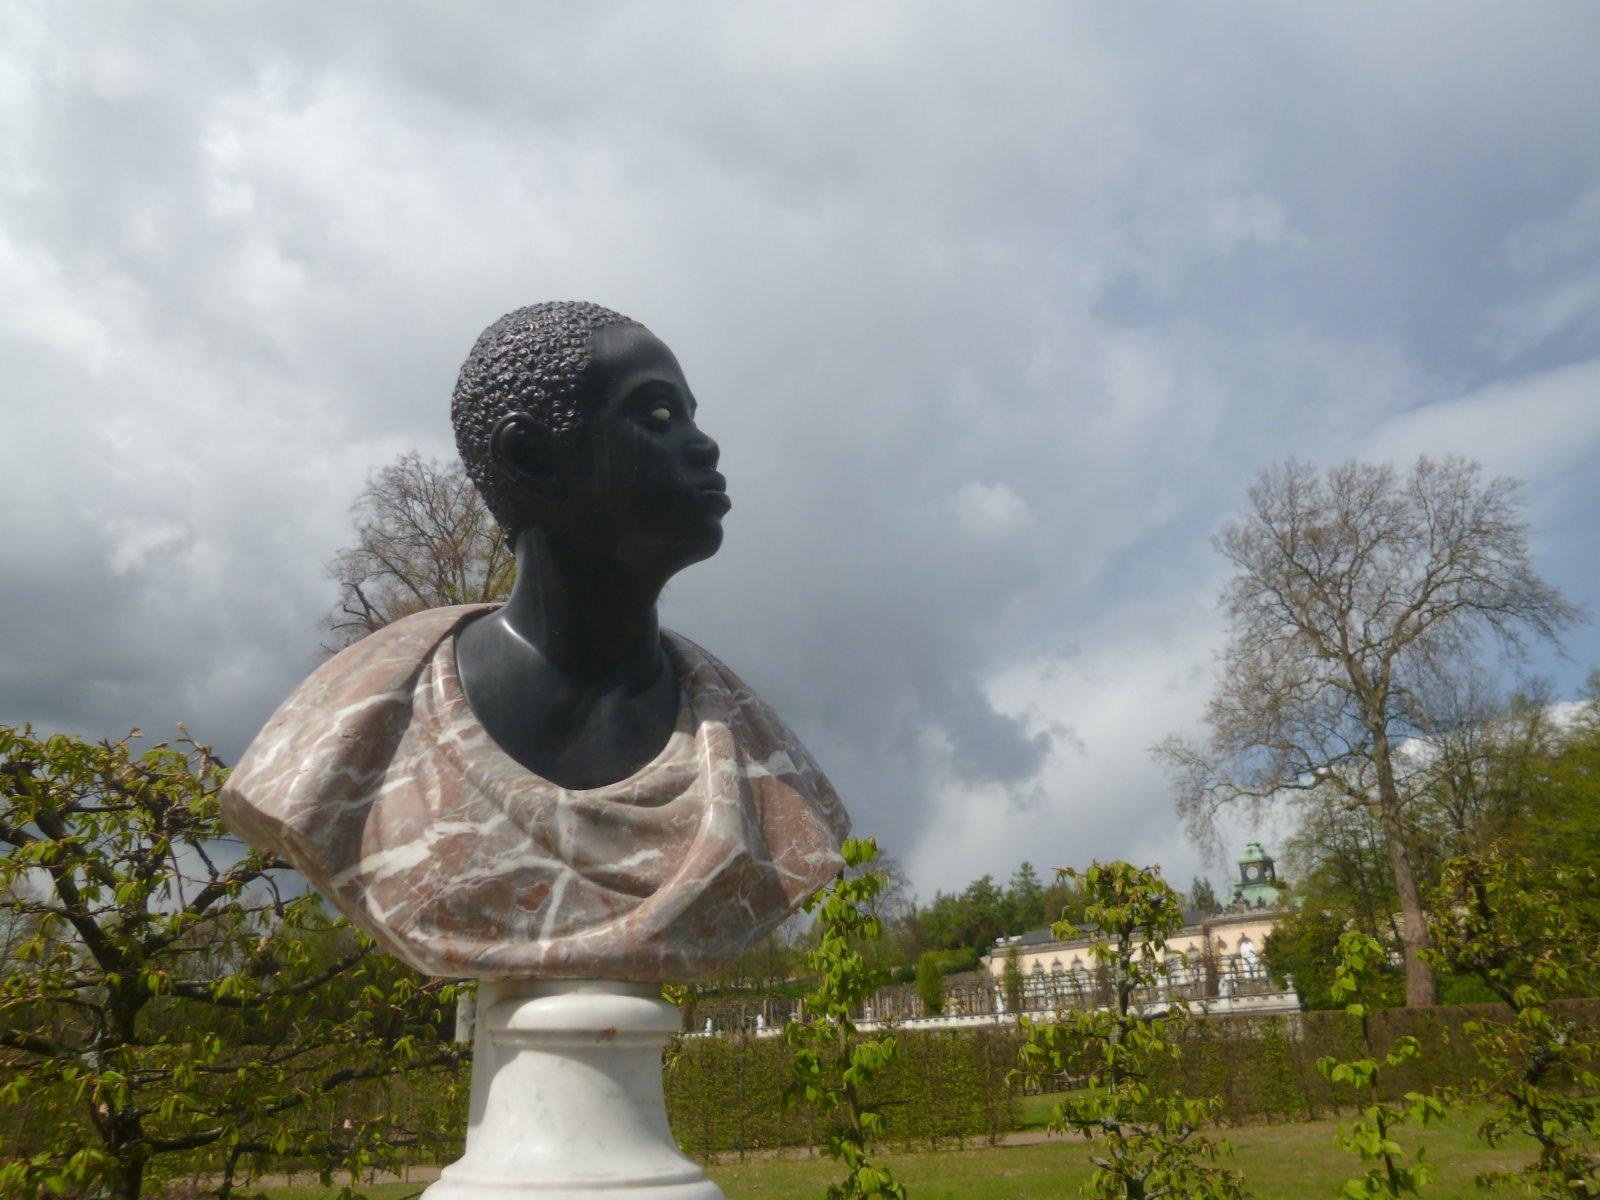 Эпоха Фридриха Великого: парк Сан-Суси и Потсдам. Пешеходная экскурсия для больших автобусных групп